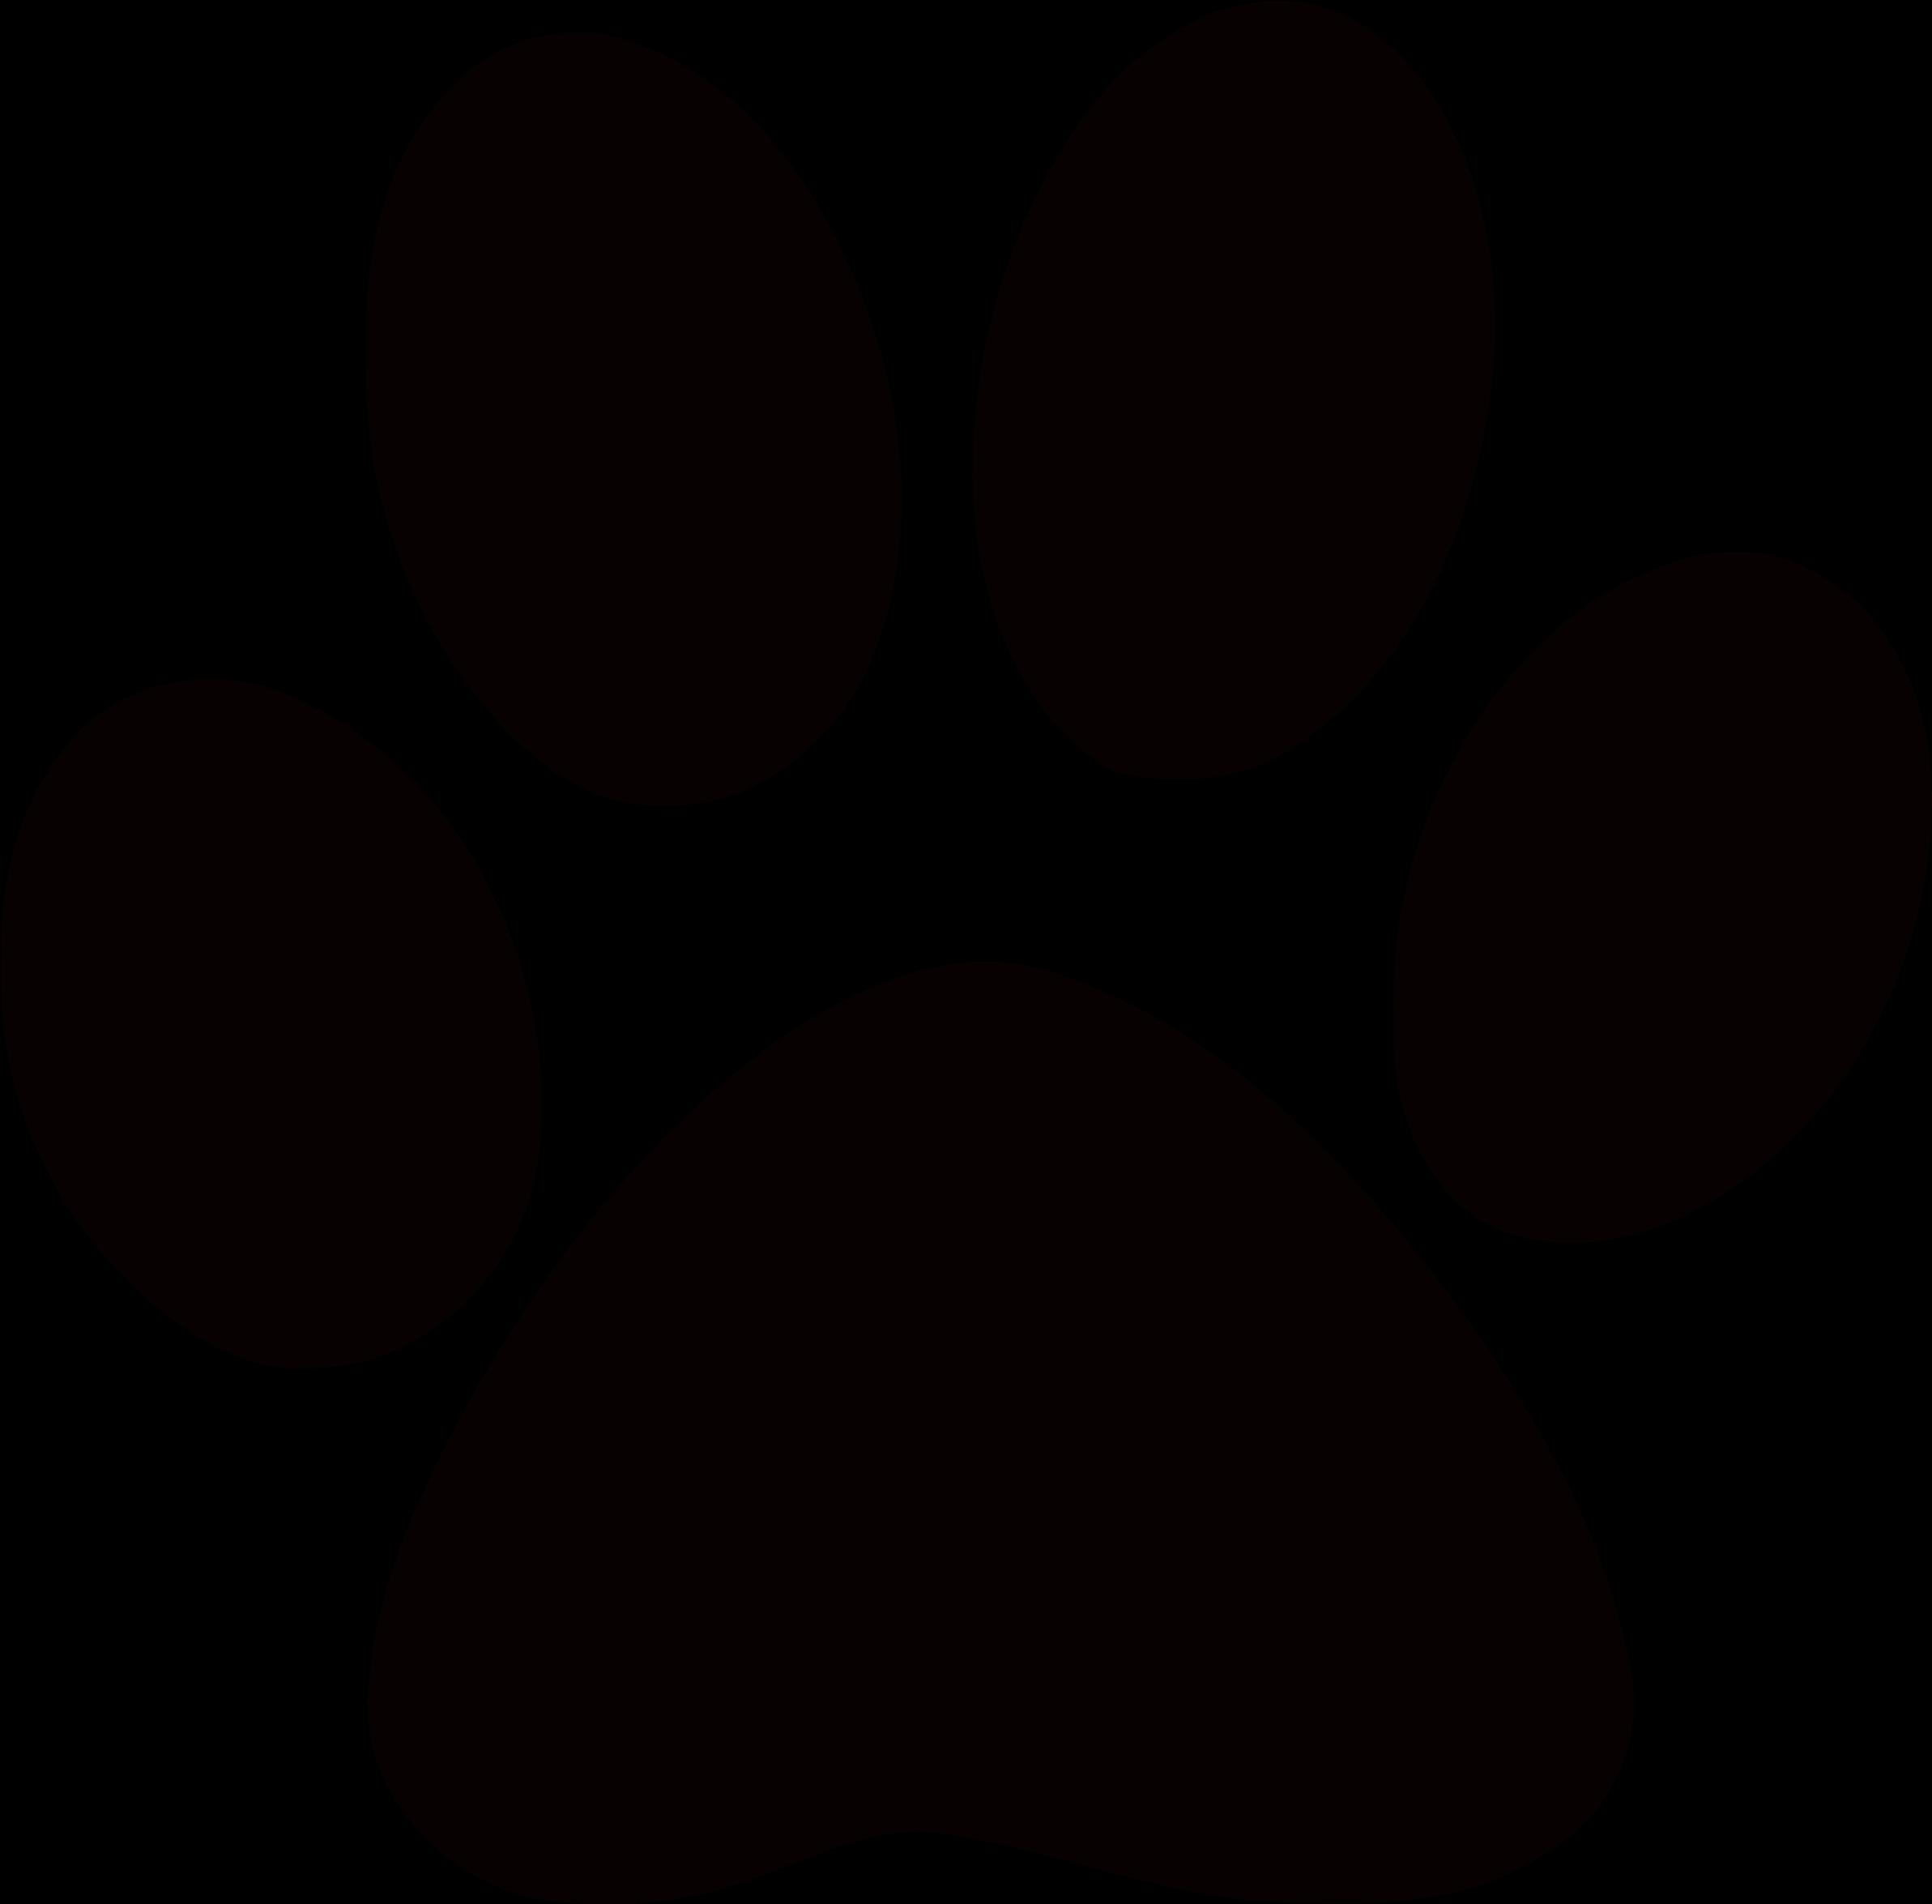 HD Footprints Clipart Cougar.